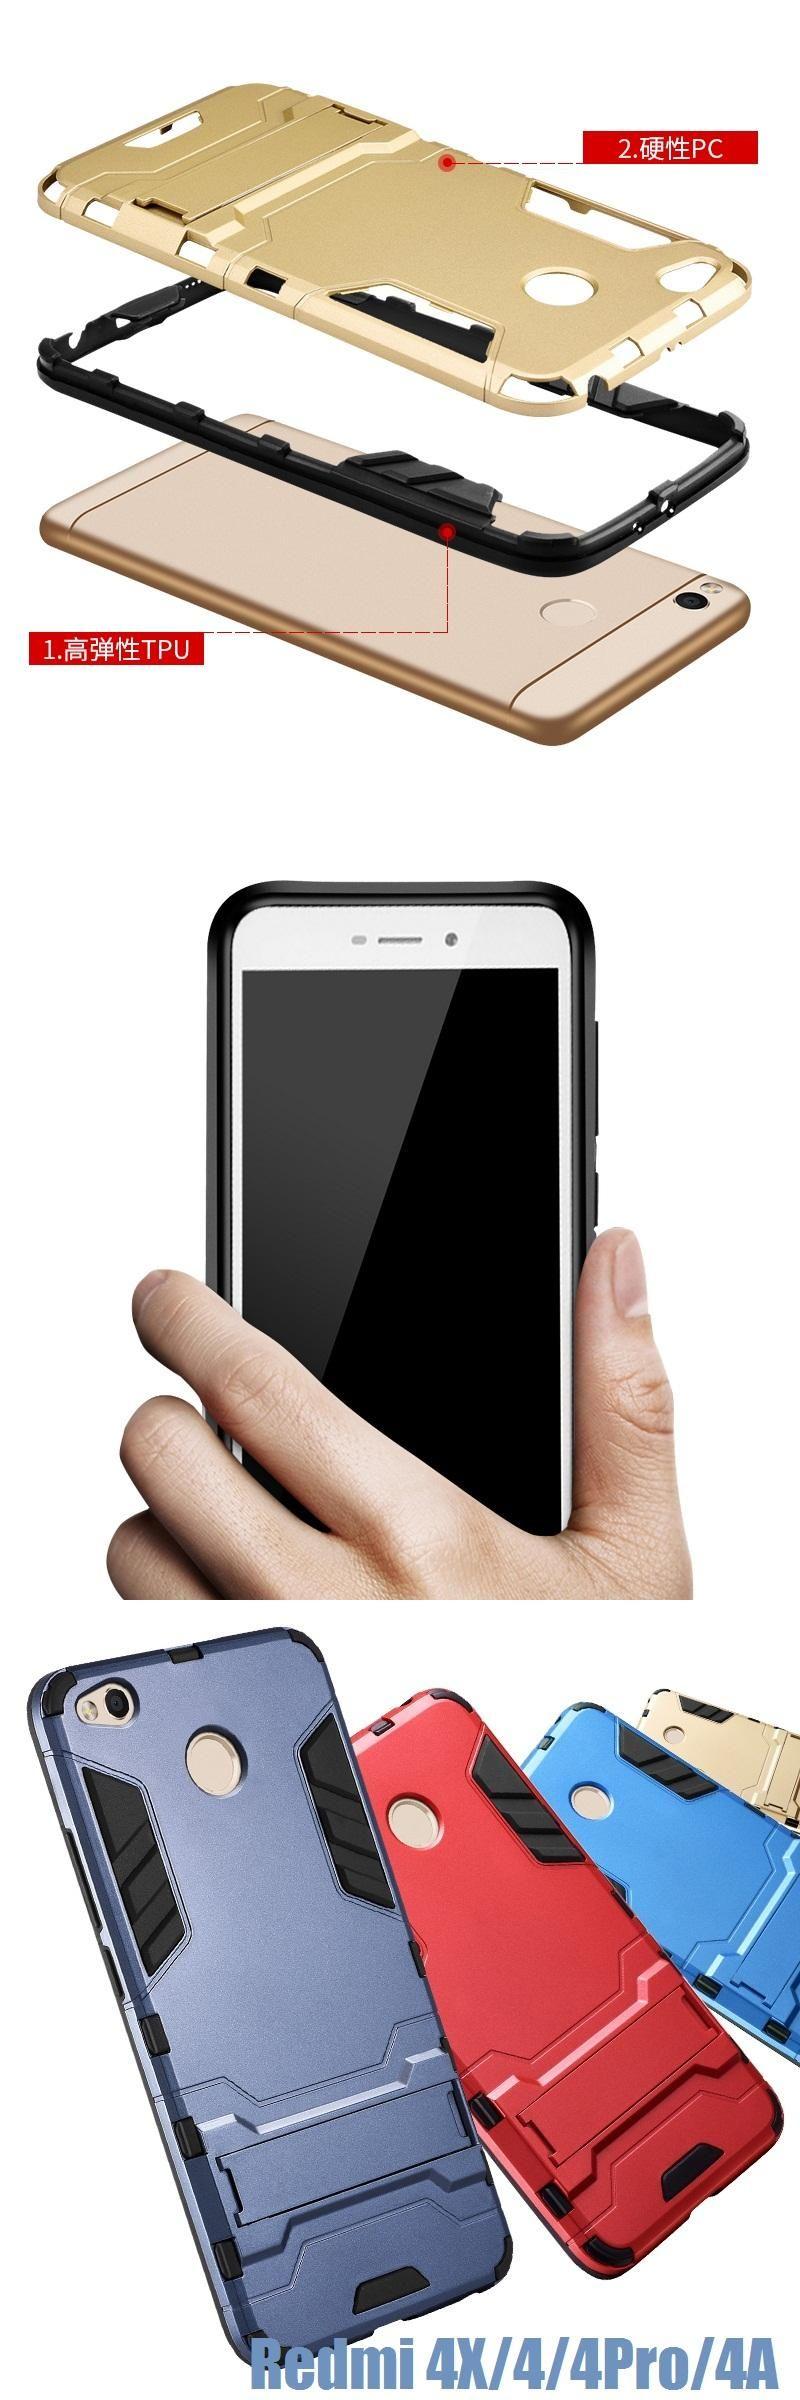 Case for Xiaomi Redmi 4 pro Cover Case Redmi 4 prime Armor Luxury Fashion Matte Phone